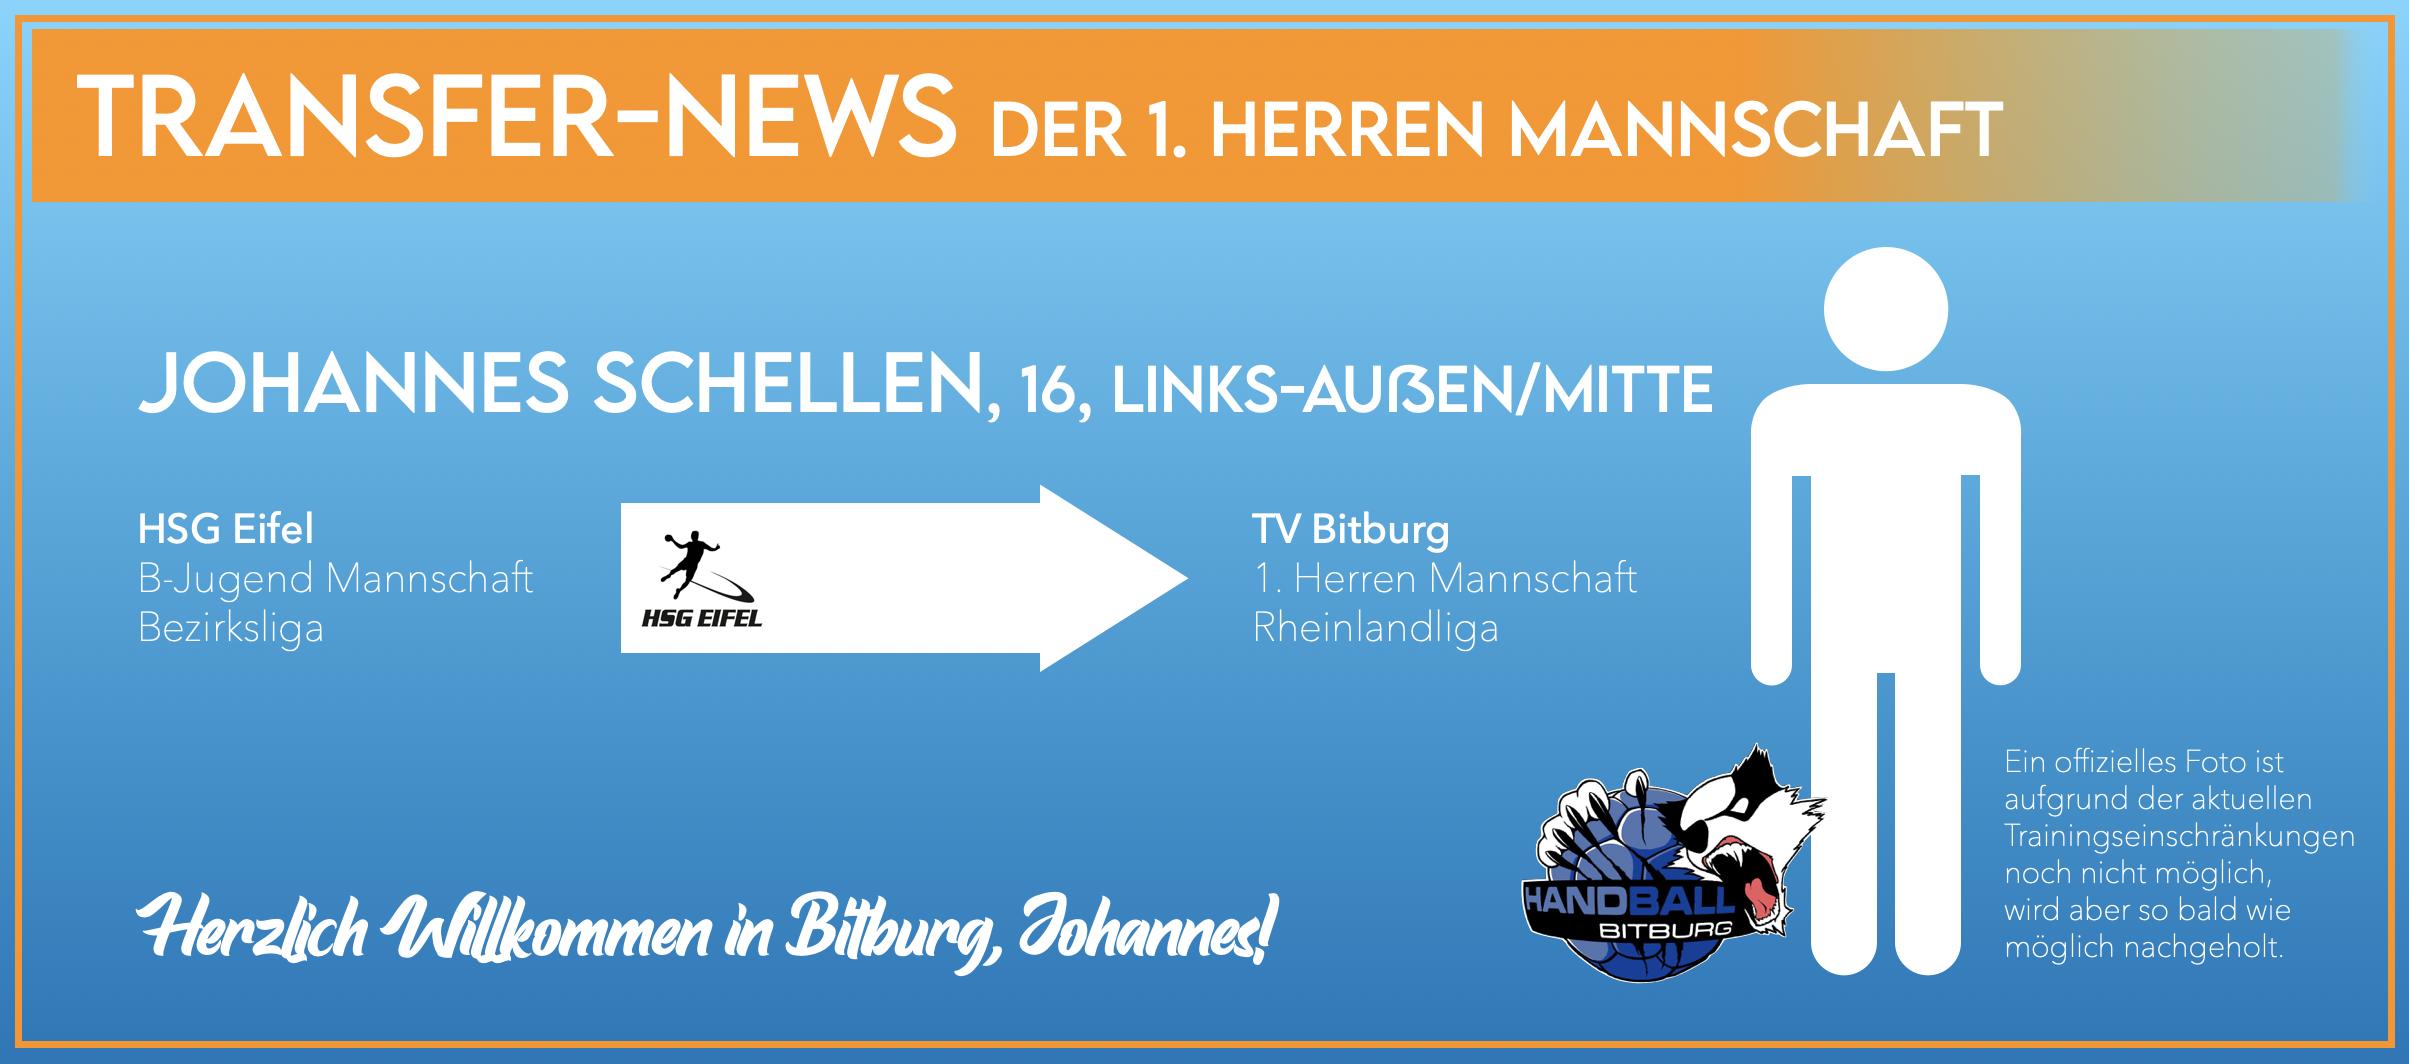 Johannes Schellen wechselt nach Bitburg